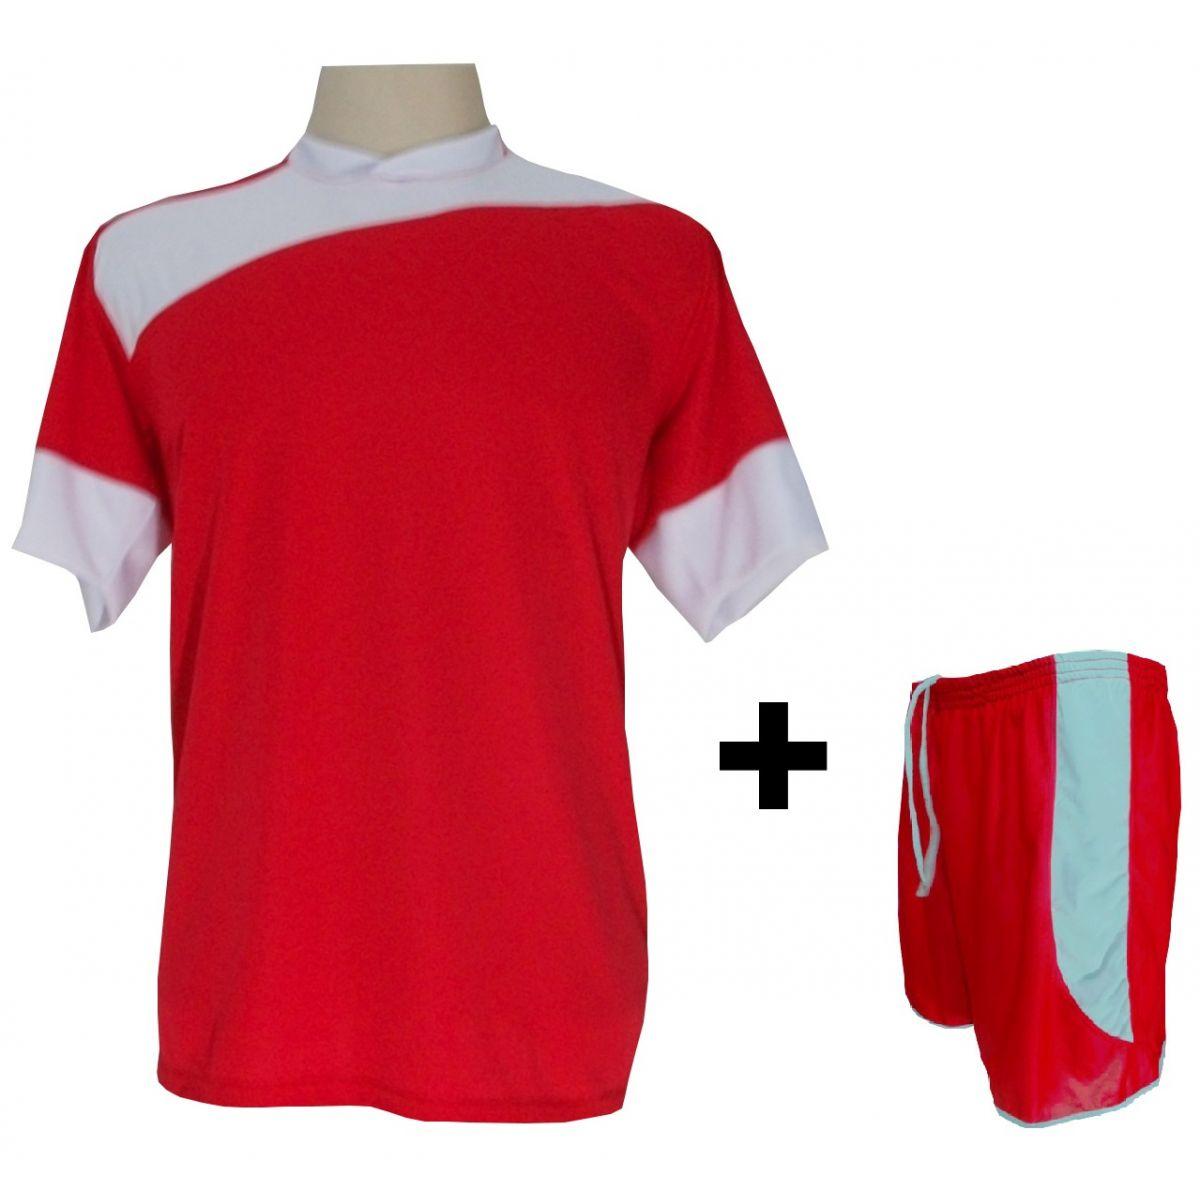 4c860c32e9991 Uniforme Esportivo com 14 camisas modelo Sporting Vermelho Branco + 14  calções modelo Copa + ...